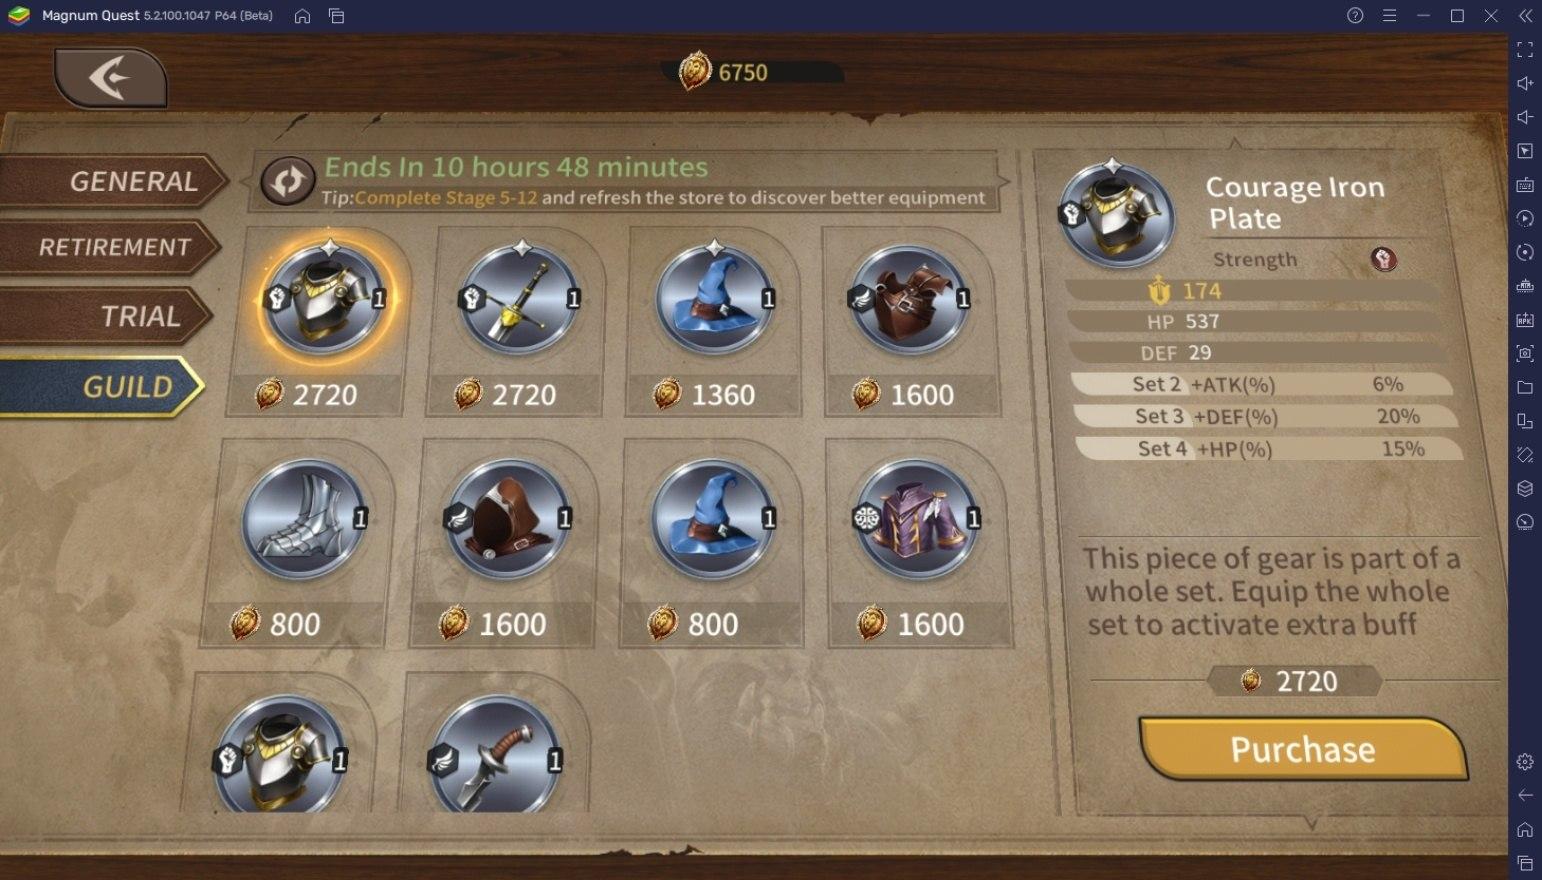 نصائح وحيل لمساعدتك على النجاح في لعبة Magnum Quest